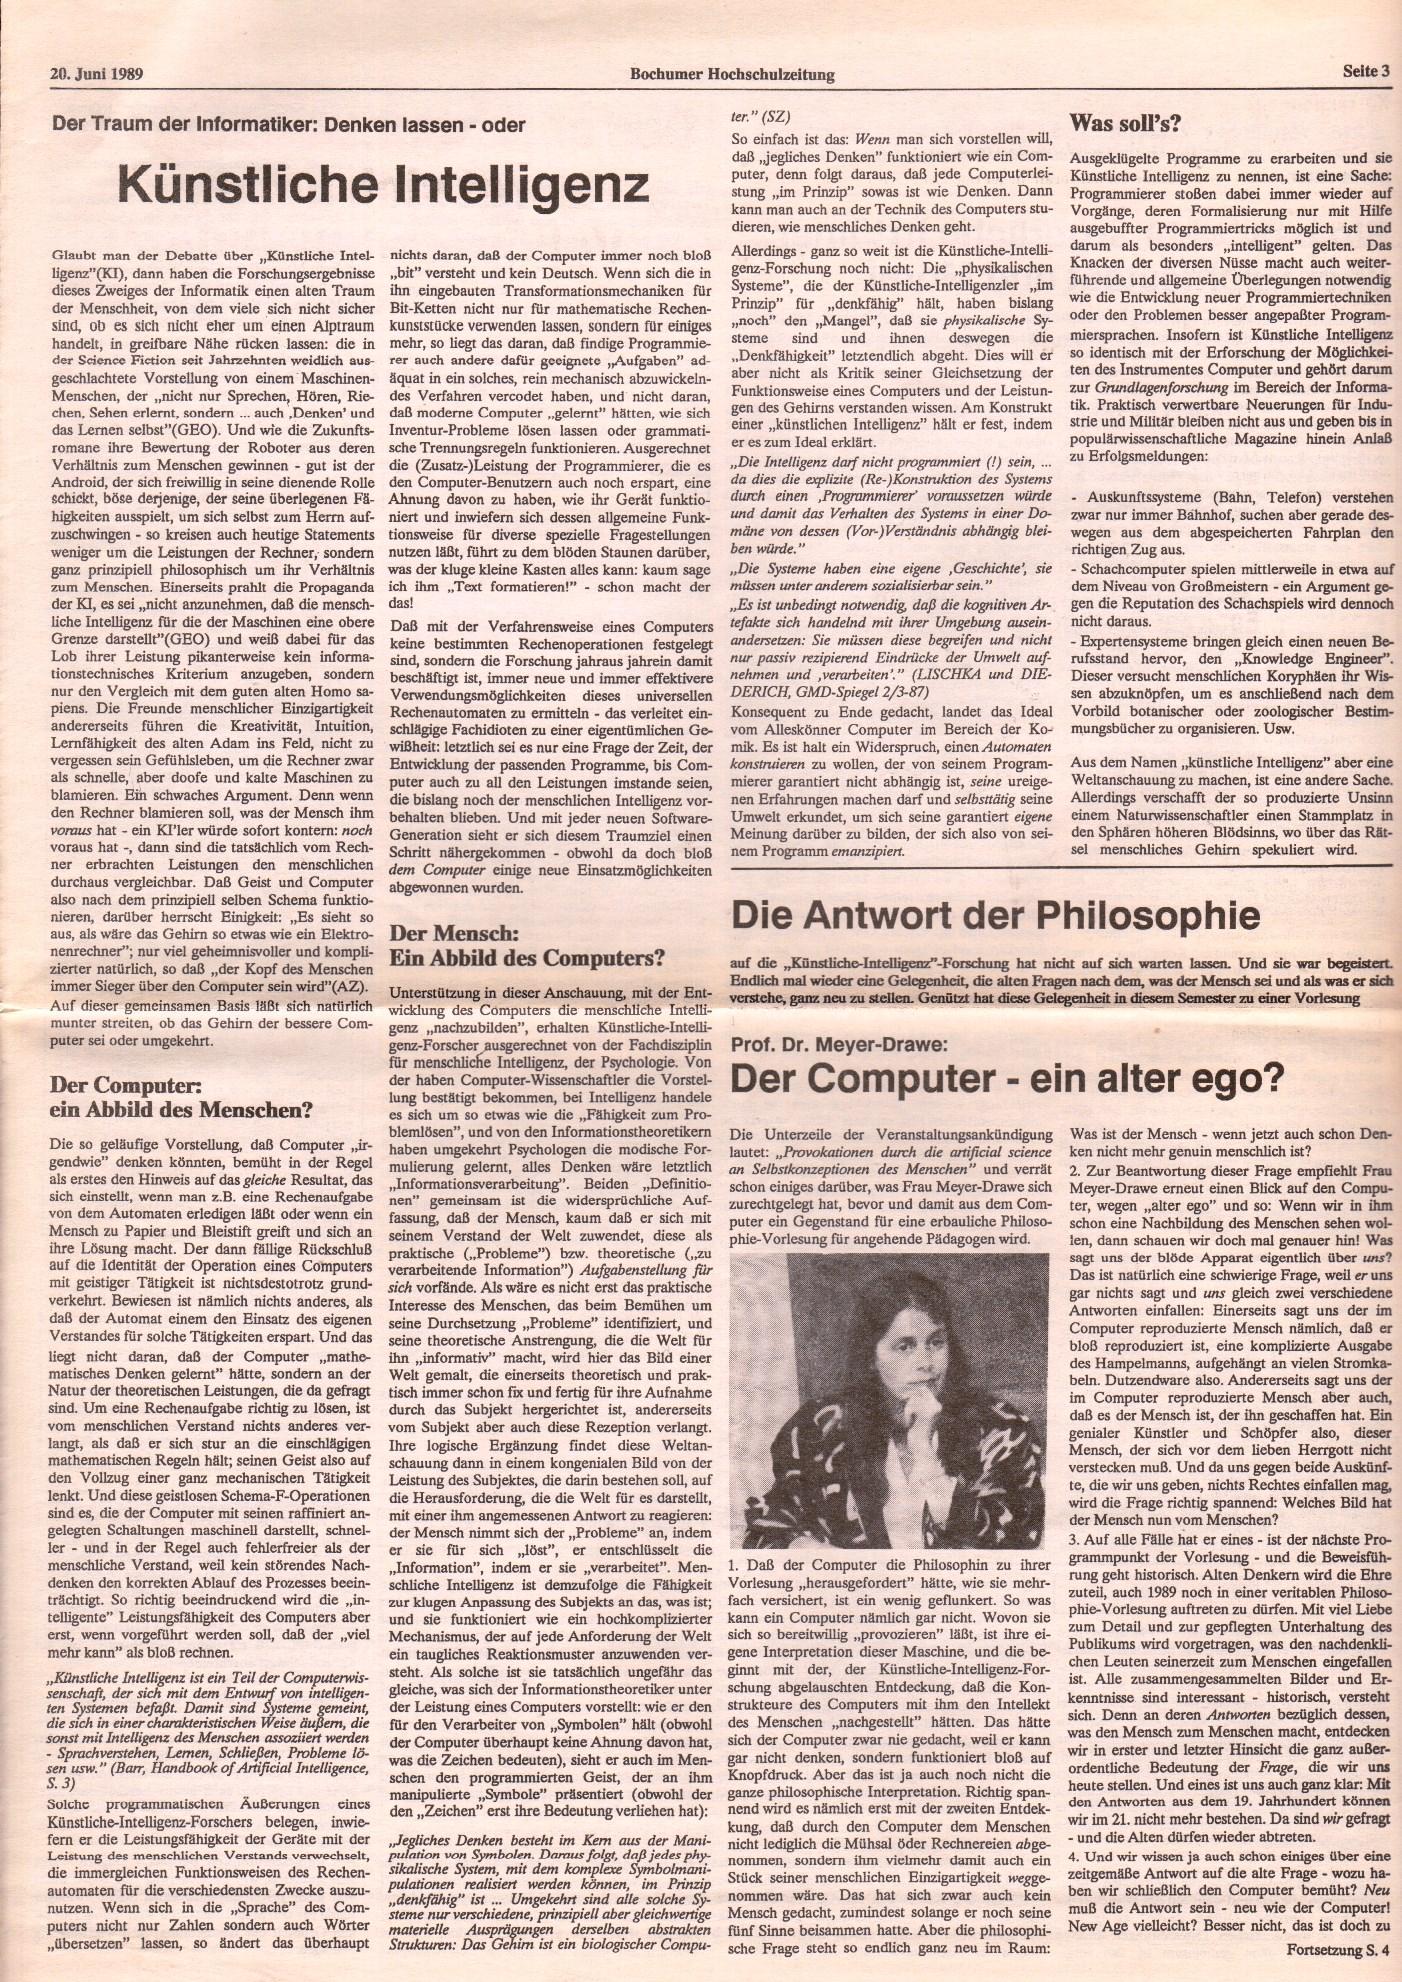 MG_Bochumer_Hochschulzeitung_19890620_03